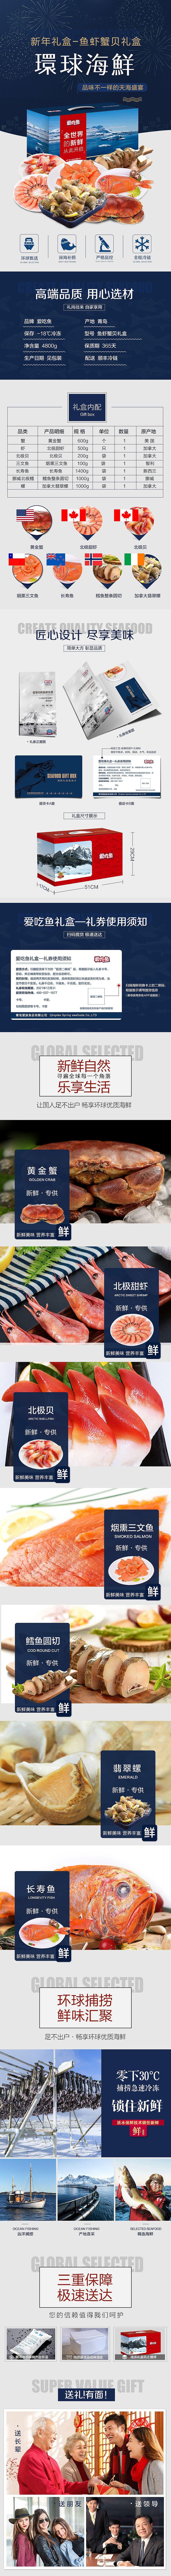 海鲜特产虾鱼蟹生鲜食品详情页